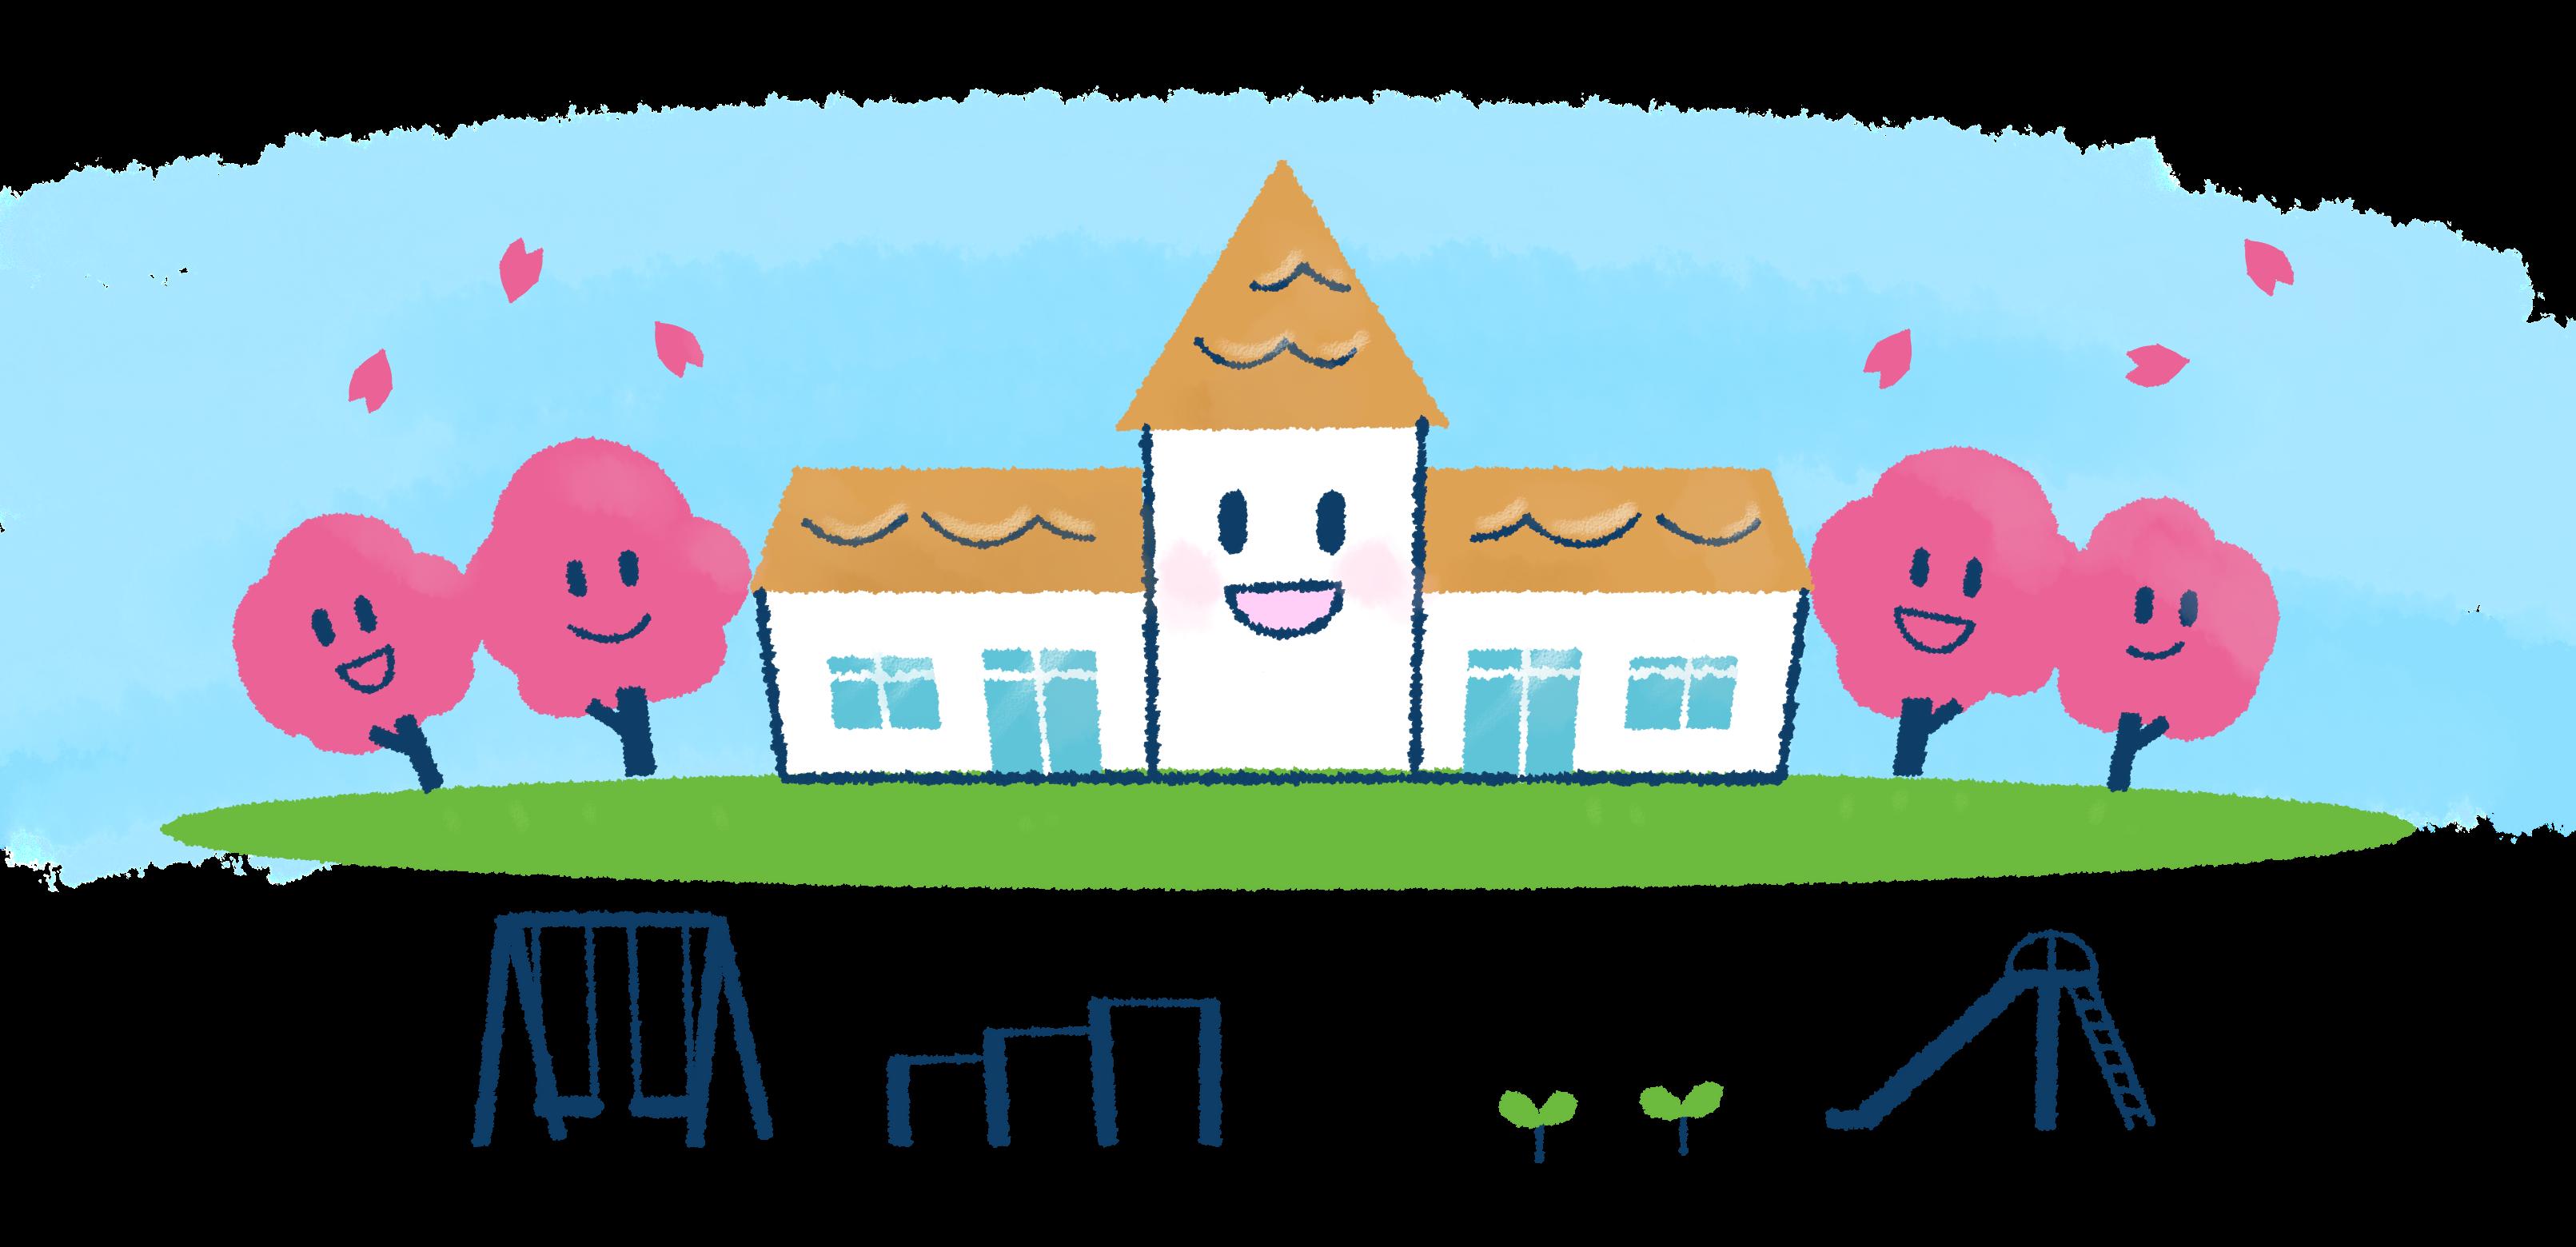 幼稚園・保育園の園舎イラスト / 春の広報、園だよりに | 可愛い無料